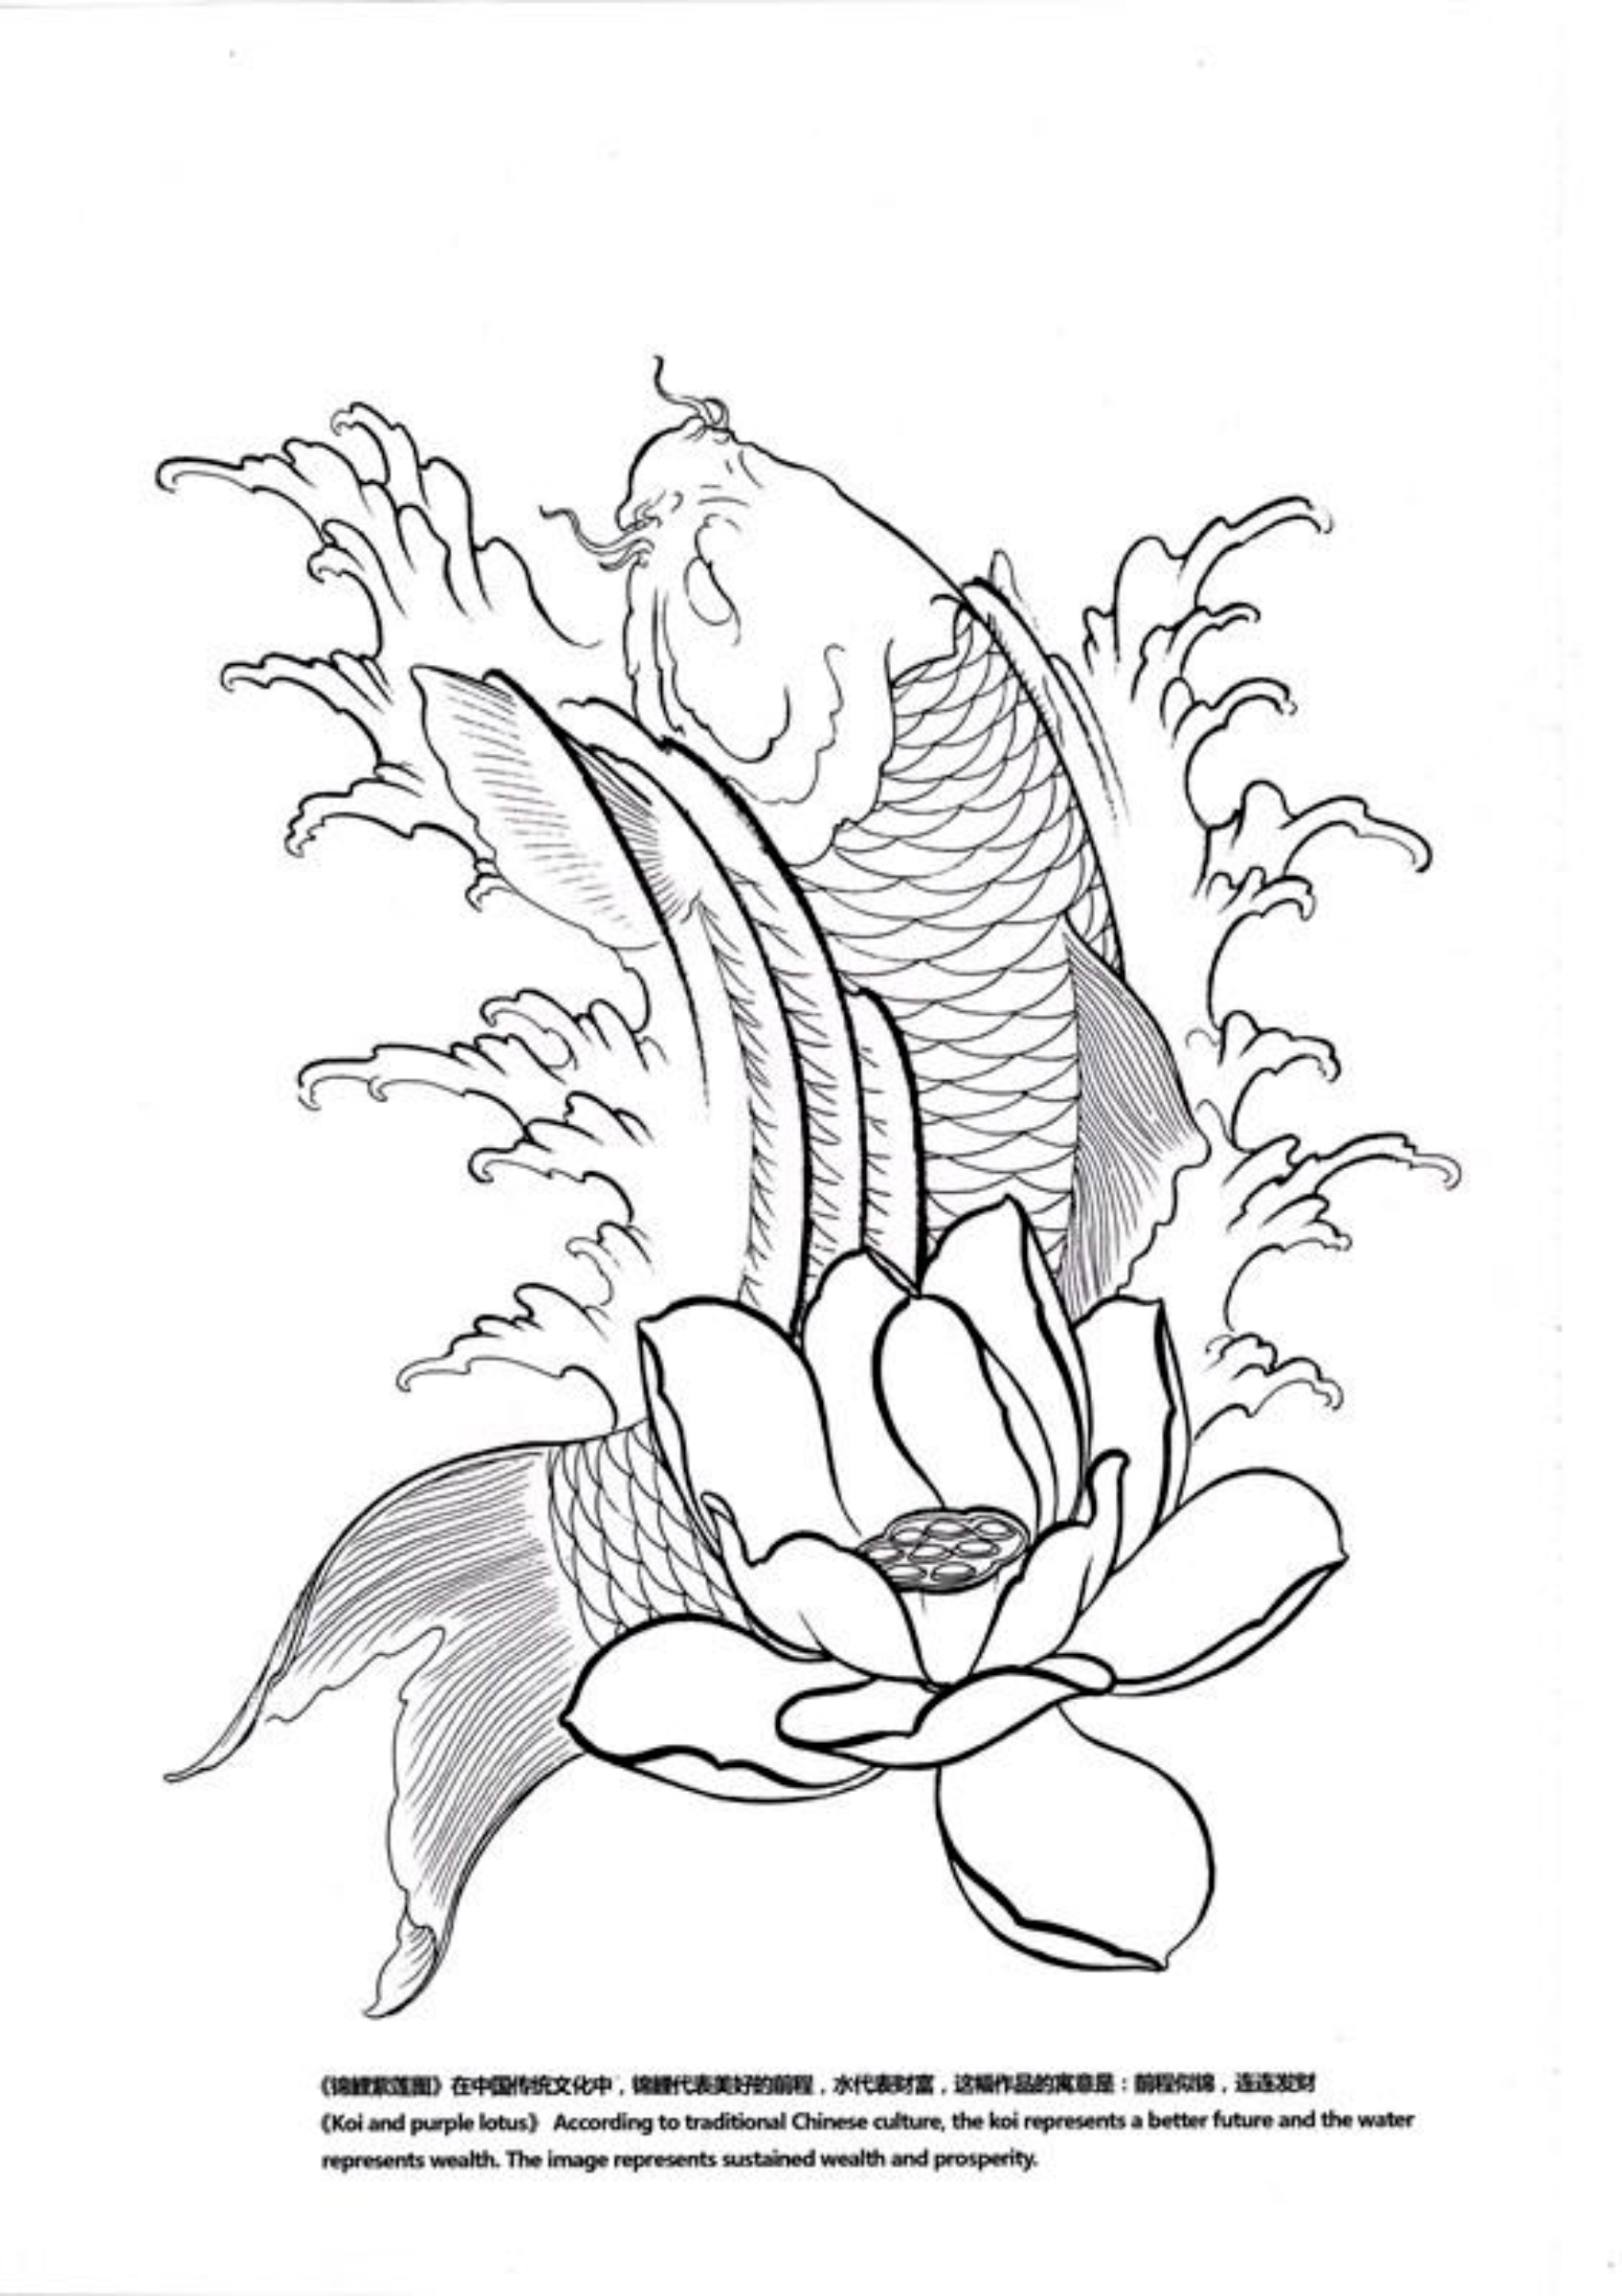 Pin by an nguyen on c pinterest koi koi tattoo design and koi tattoo design tattoo designs oriental tattoo tattoo flash book kio fish tattoo tattoos best tattoo ever tips izmirmasajfo